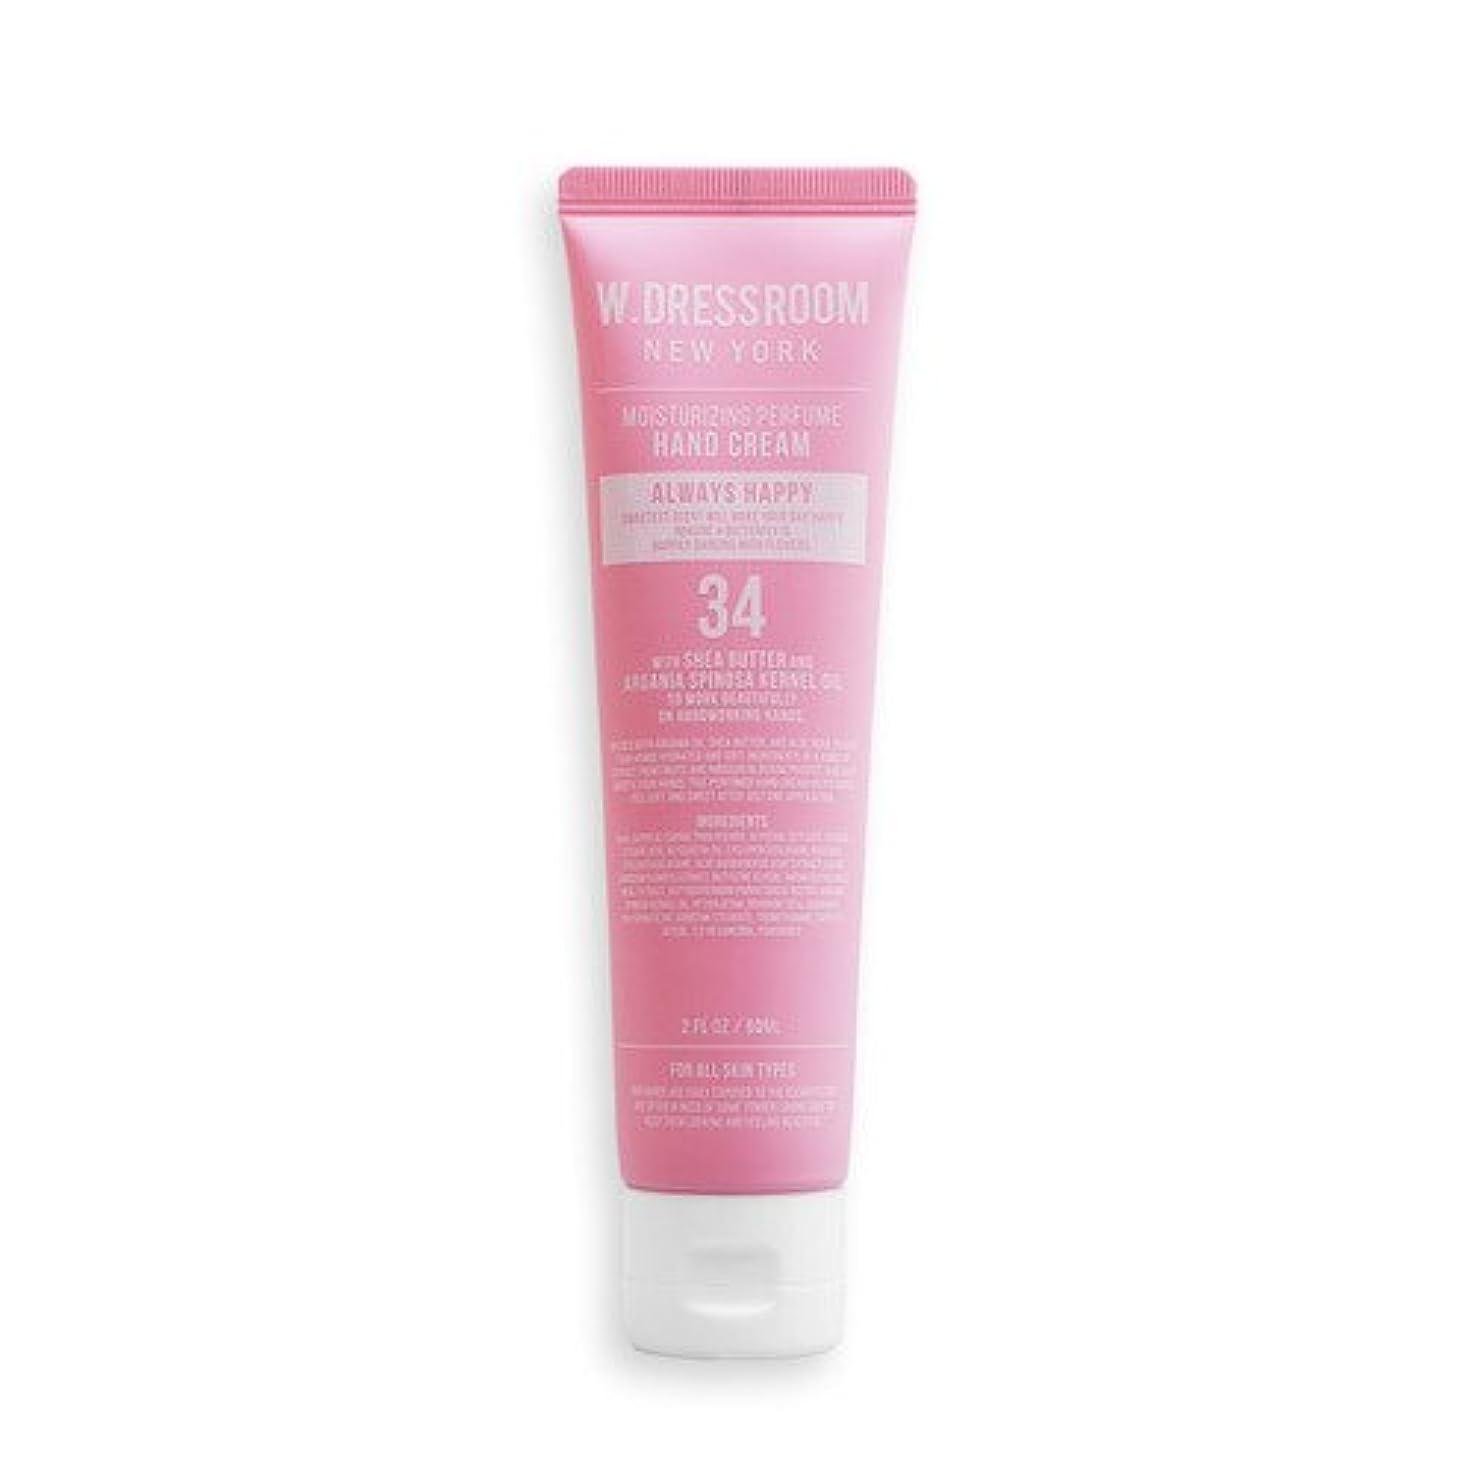 施し護衛曲W.DRESSROOM Moisturizing Perfume Hand Cream 60ml/ダブルドレスルーム モイスチャライジング パフューム ハンドクリーム 60ml (#No.34 Always Happy)...